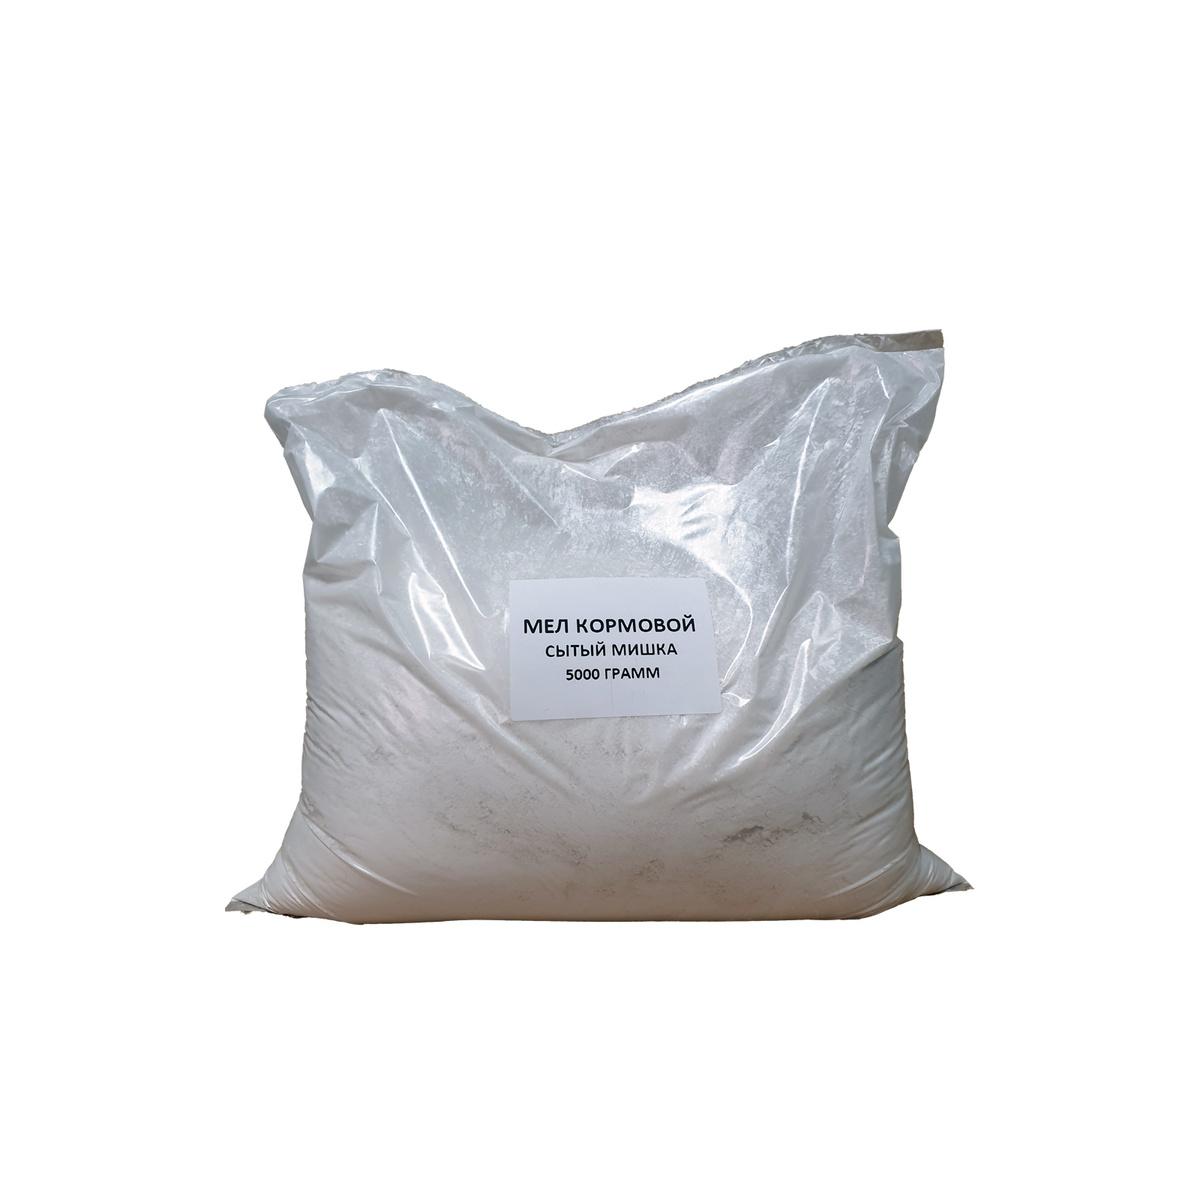 Мел кормовой 5 кг минеральная добавка для животных и птиц Сытый Мишка  #1